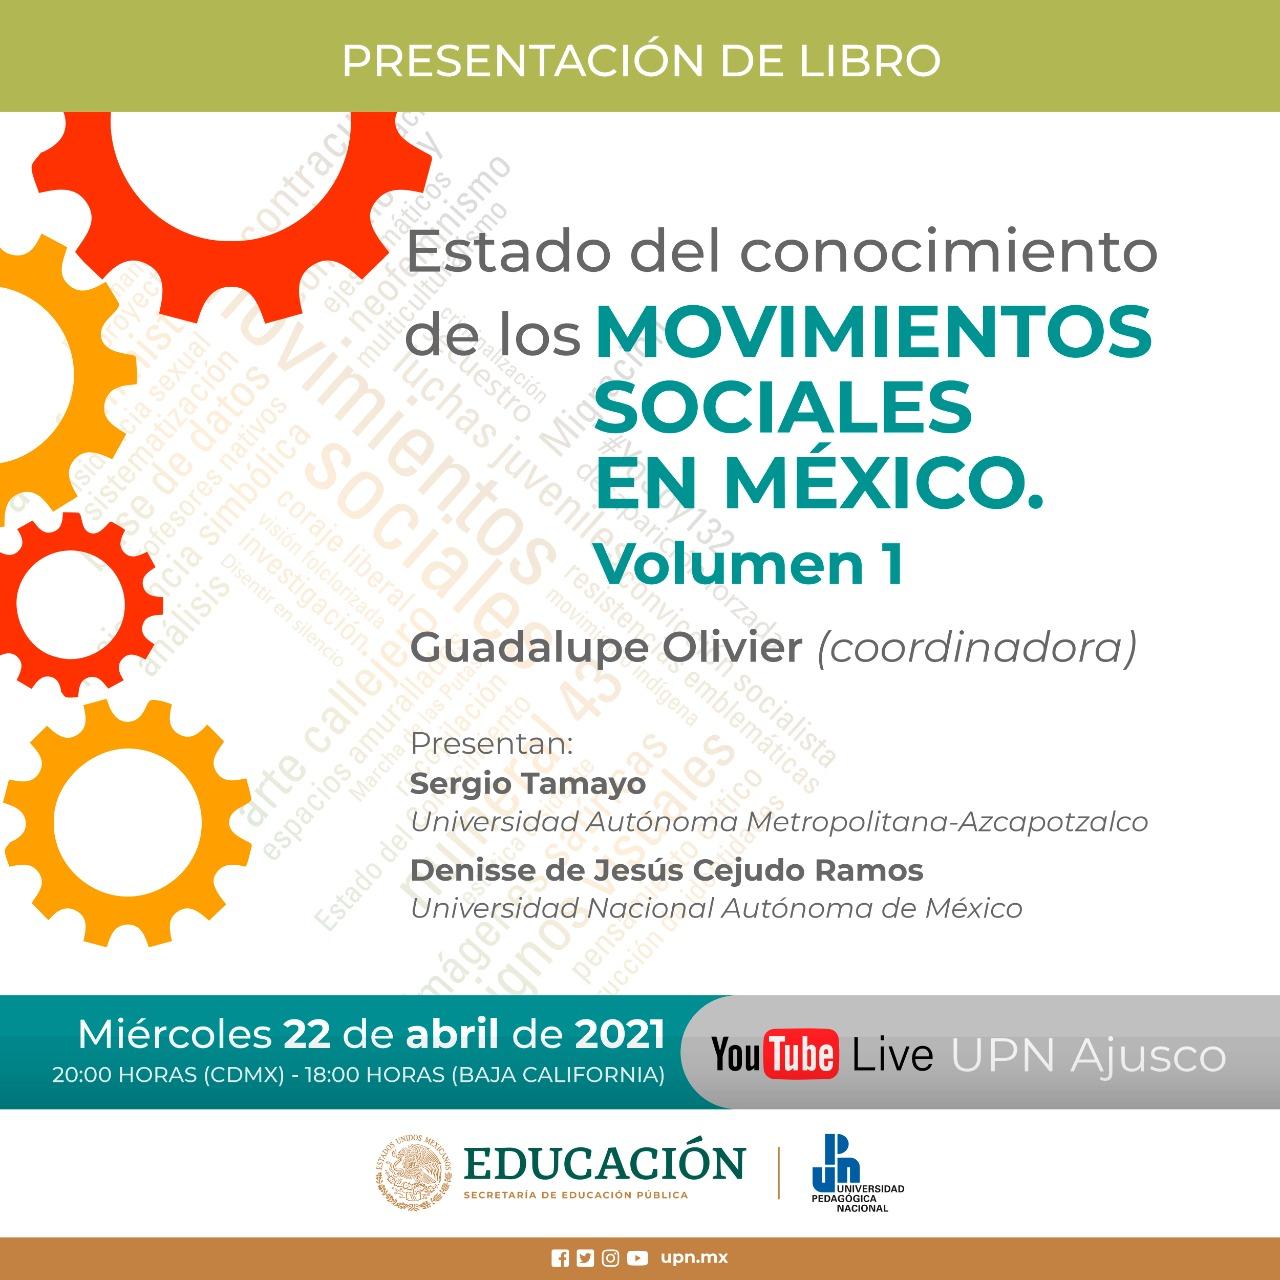 """Presentación del libro: """"Estado del conocimiento de los Movimientos Sociales en México"""". Volumen 1."""